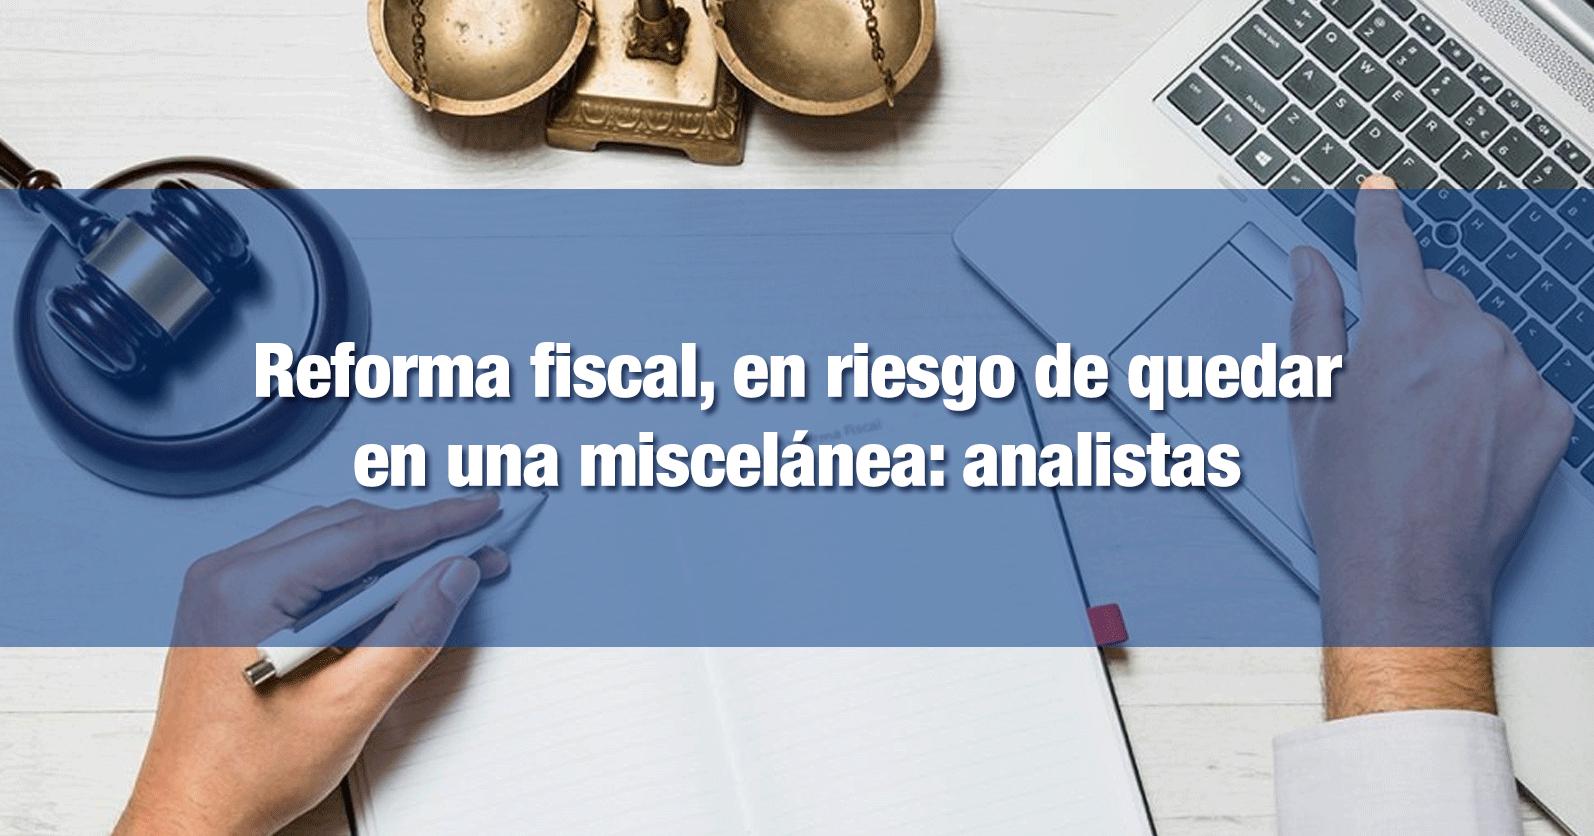 Reforma fiscal, en riesgo de quedar en una miscelánea: analistas